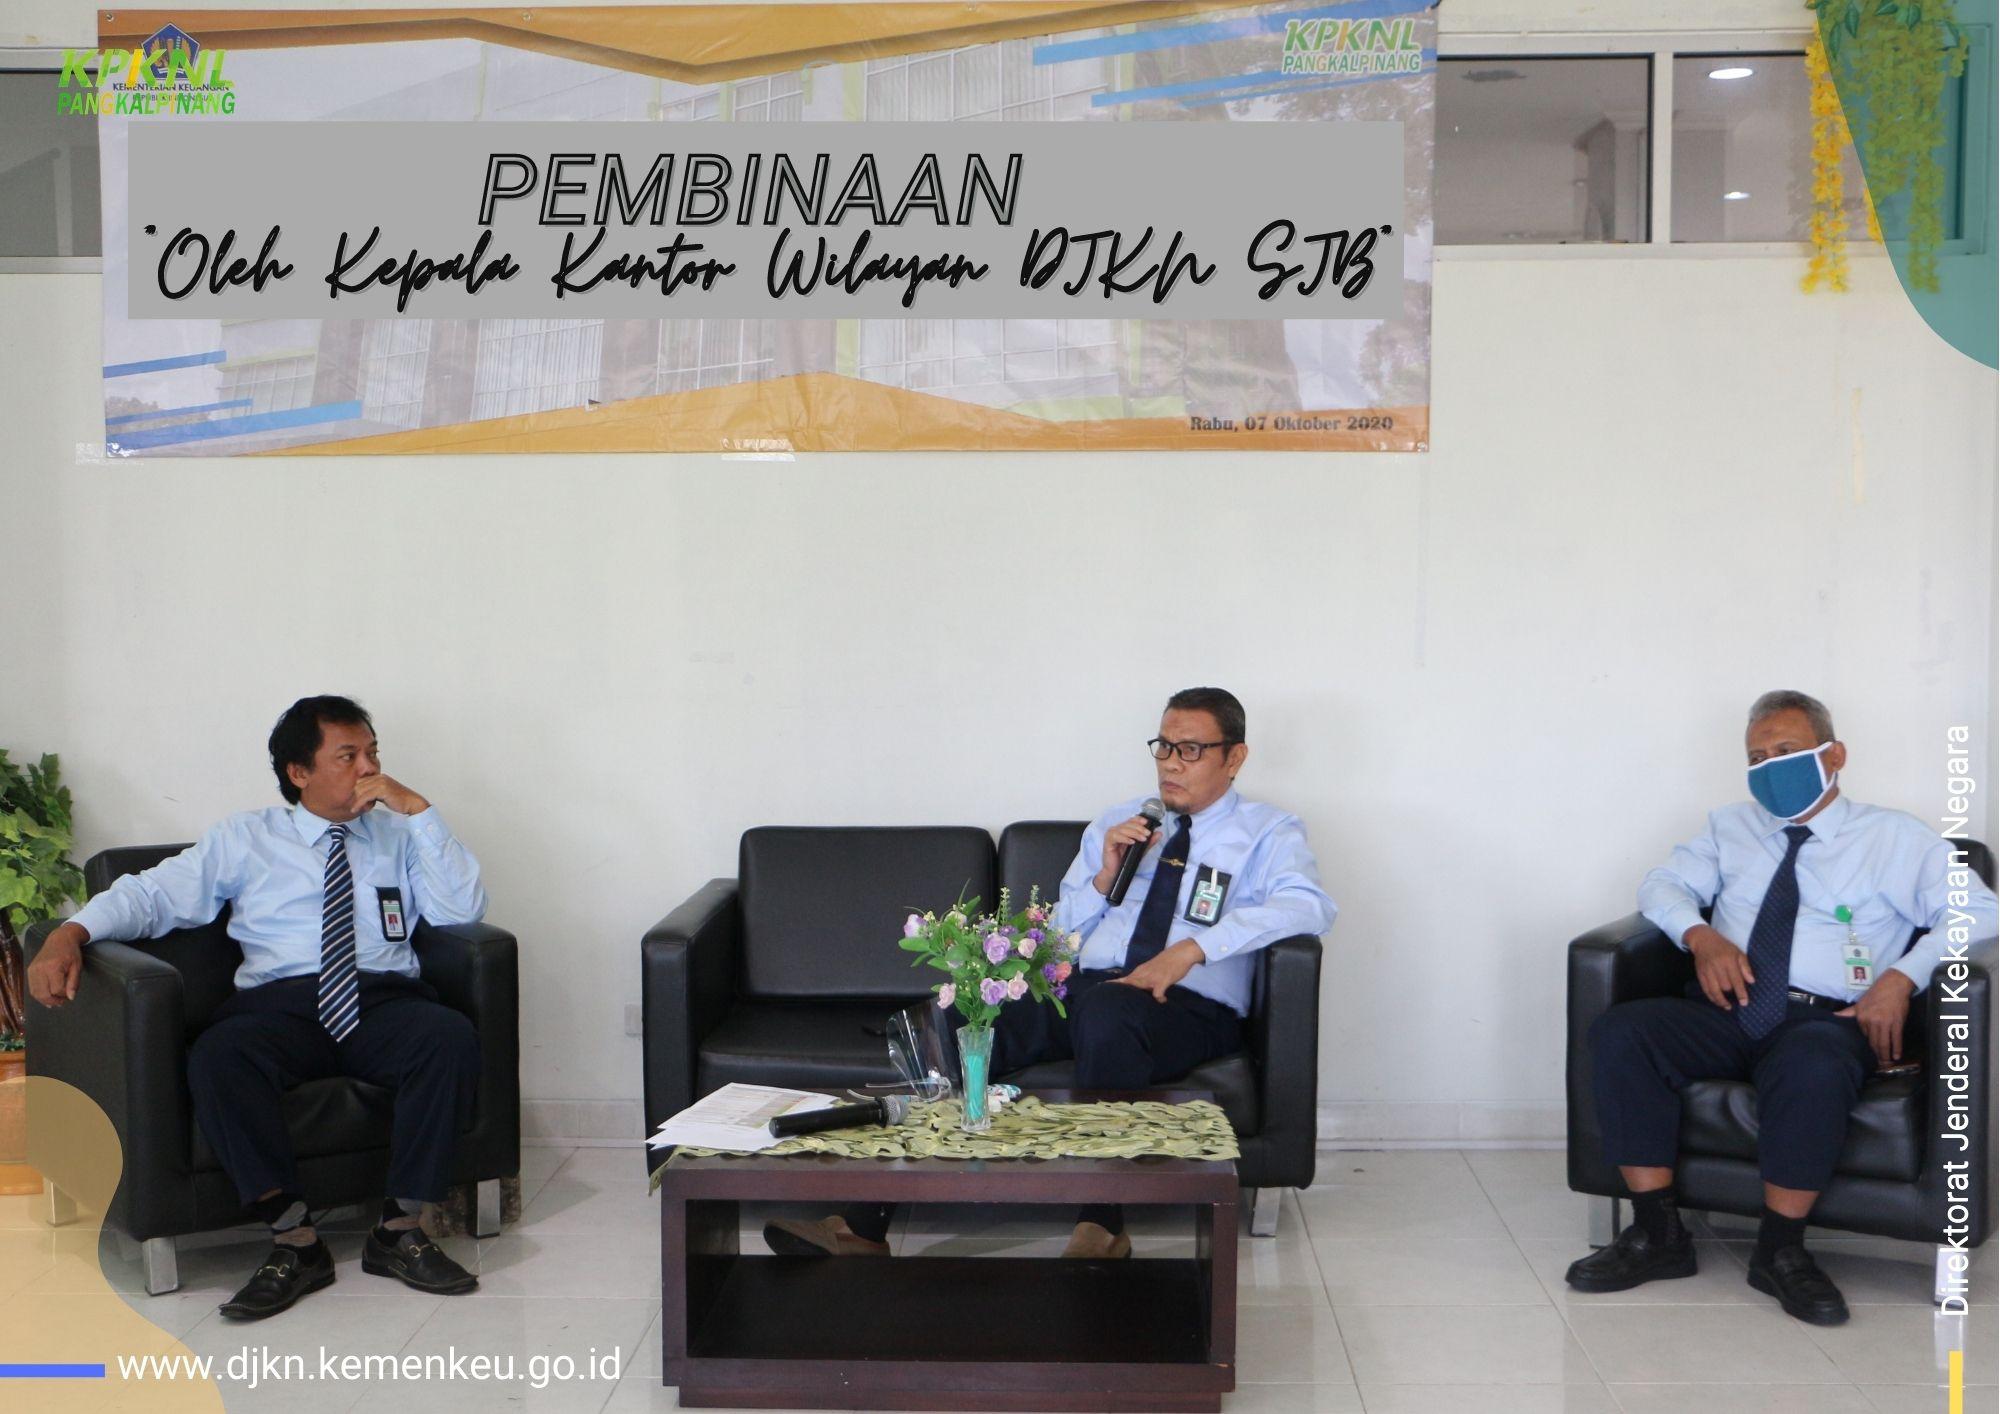 Meningkatkan Semangat Para Pegawai KPKNL Pangkalpinang Melalui Pembinaan Oleh Kepala Kanwil DJKN SJB